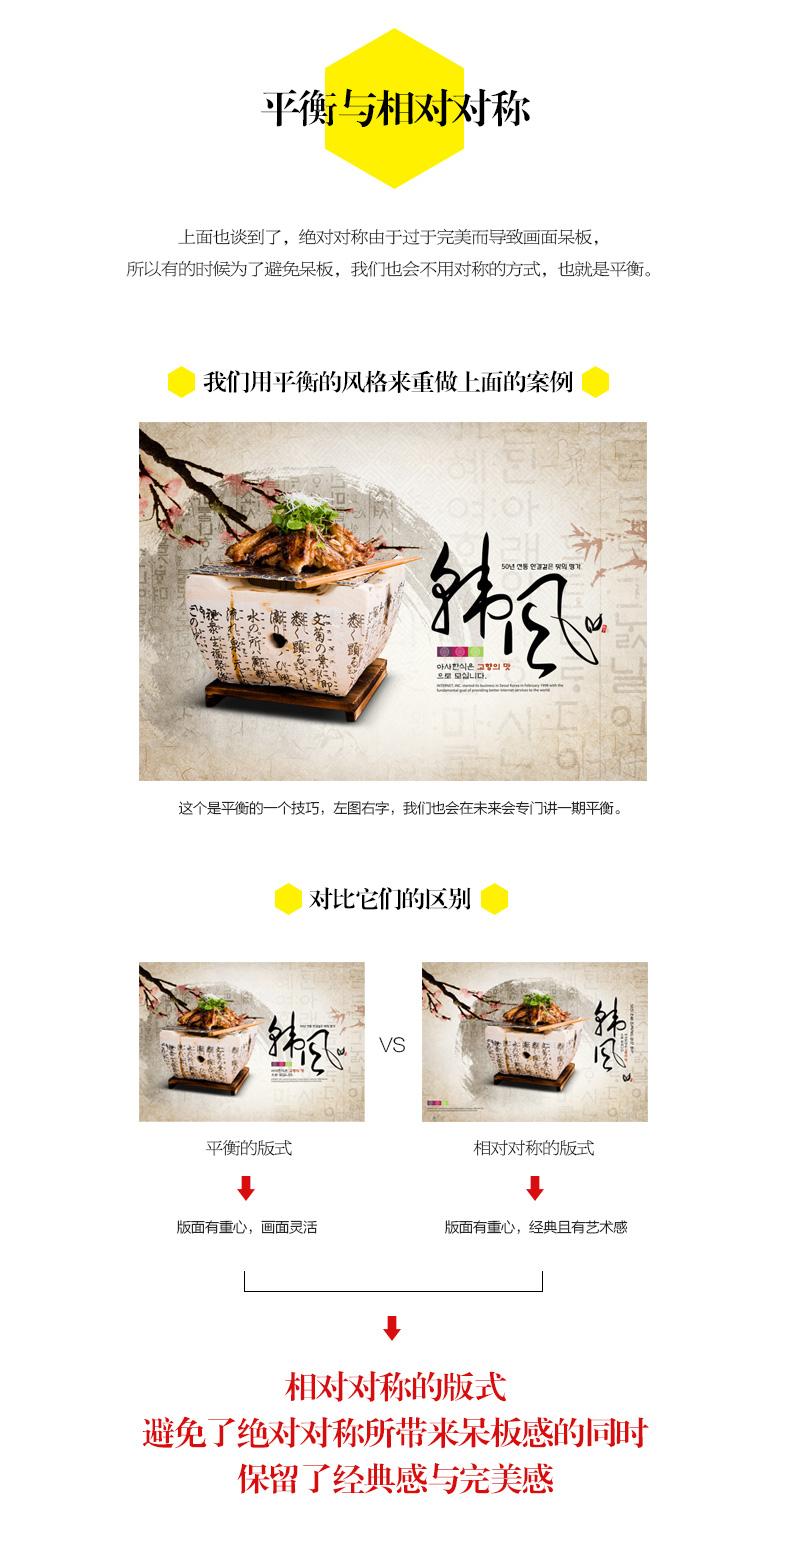 版式设计的相对对称07-莫贝网www.mobileui.cn